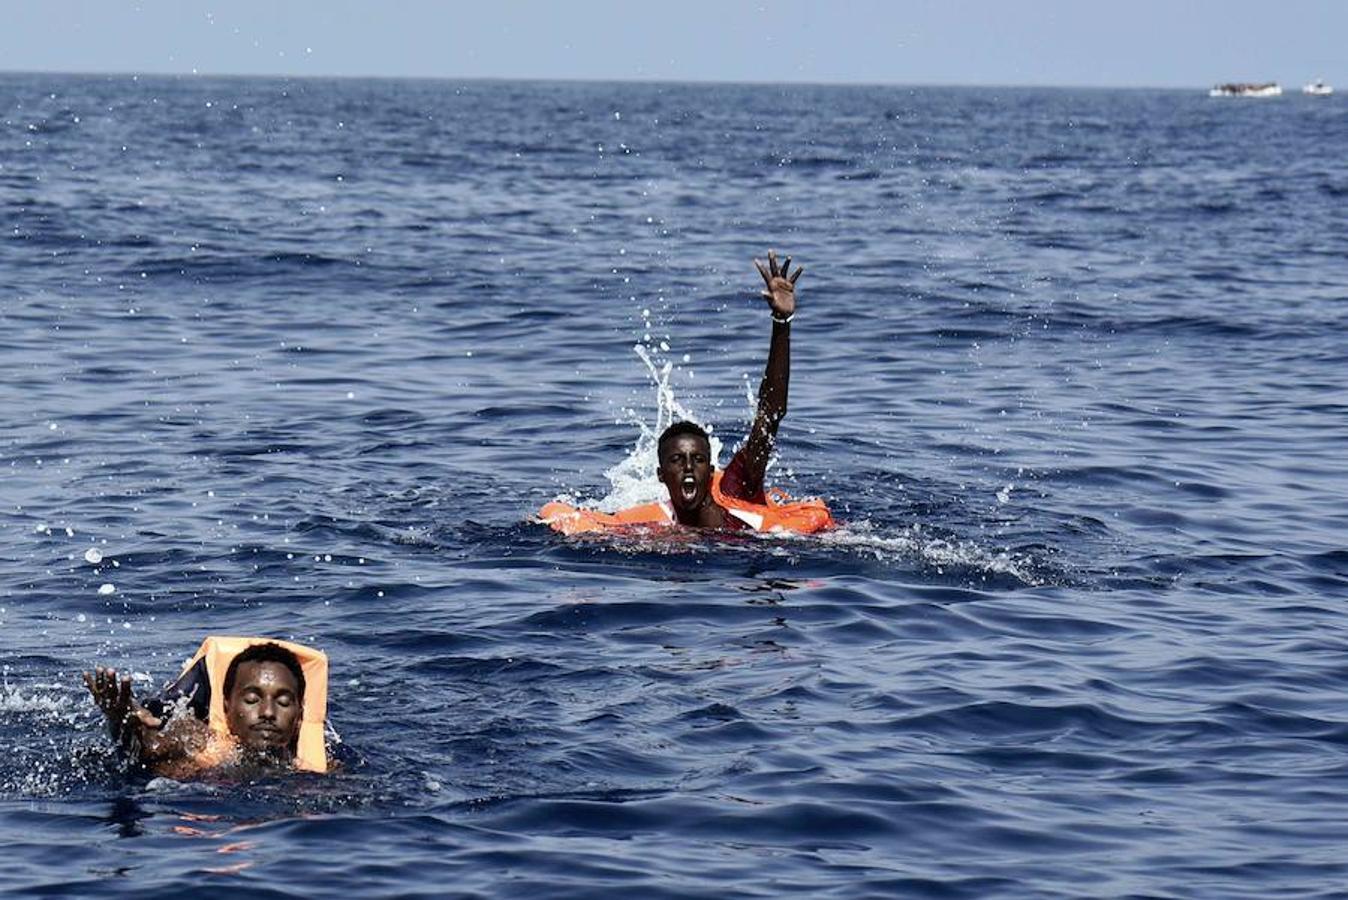 Los dos extranjeros de la imagen fueron rescatados del agua por la ONG Proactiva Open Arms